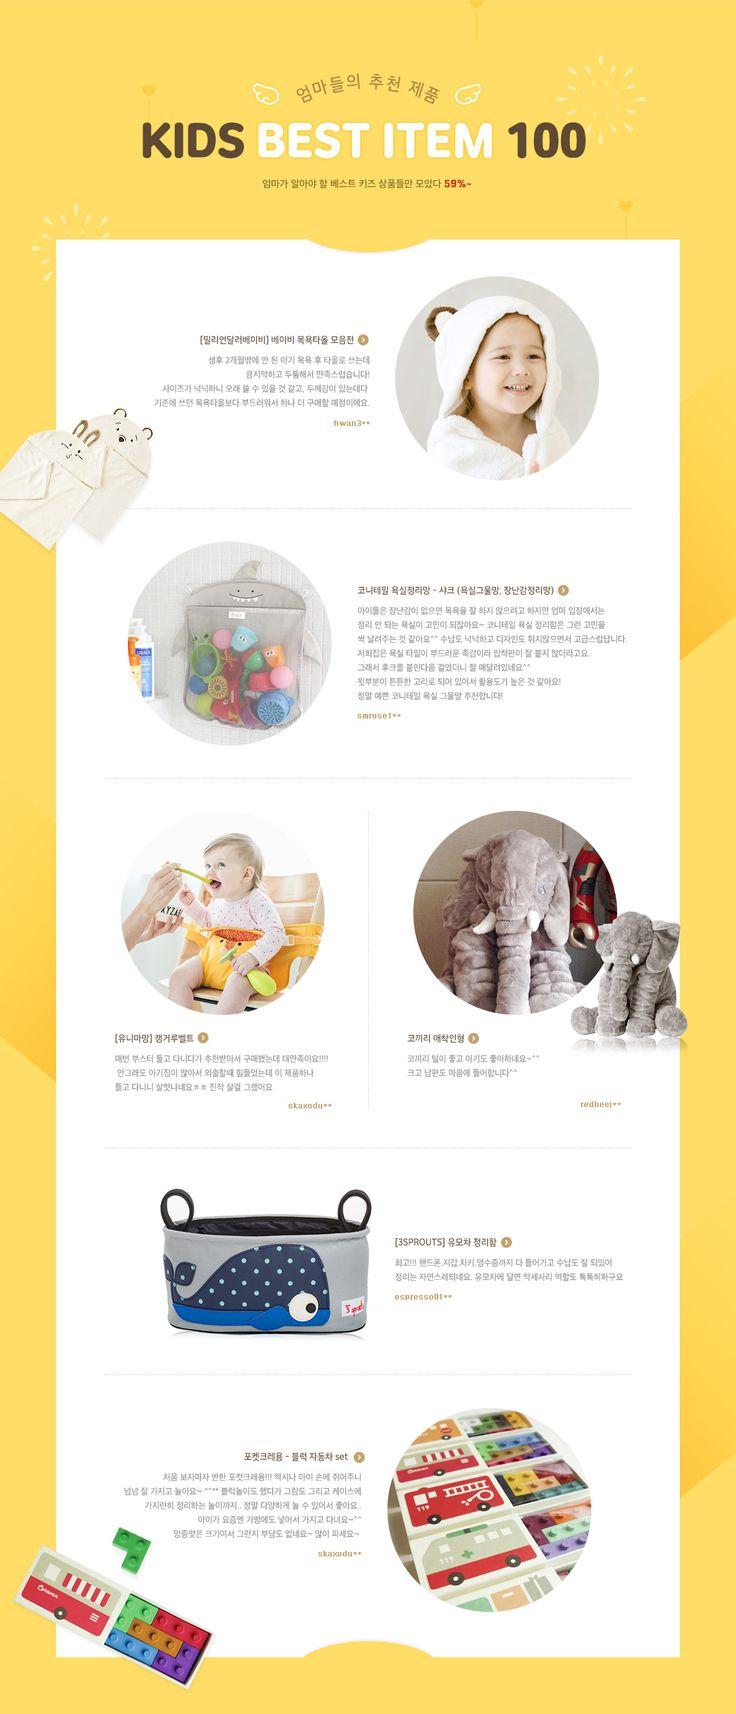 텐바이텐 10X10 : 엄마들의 추천 제품 - KIDS BEST ITEM 100